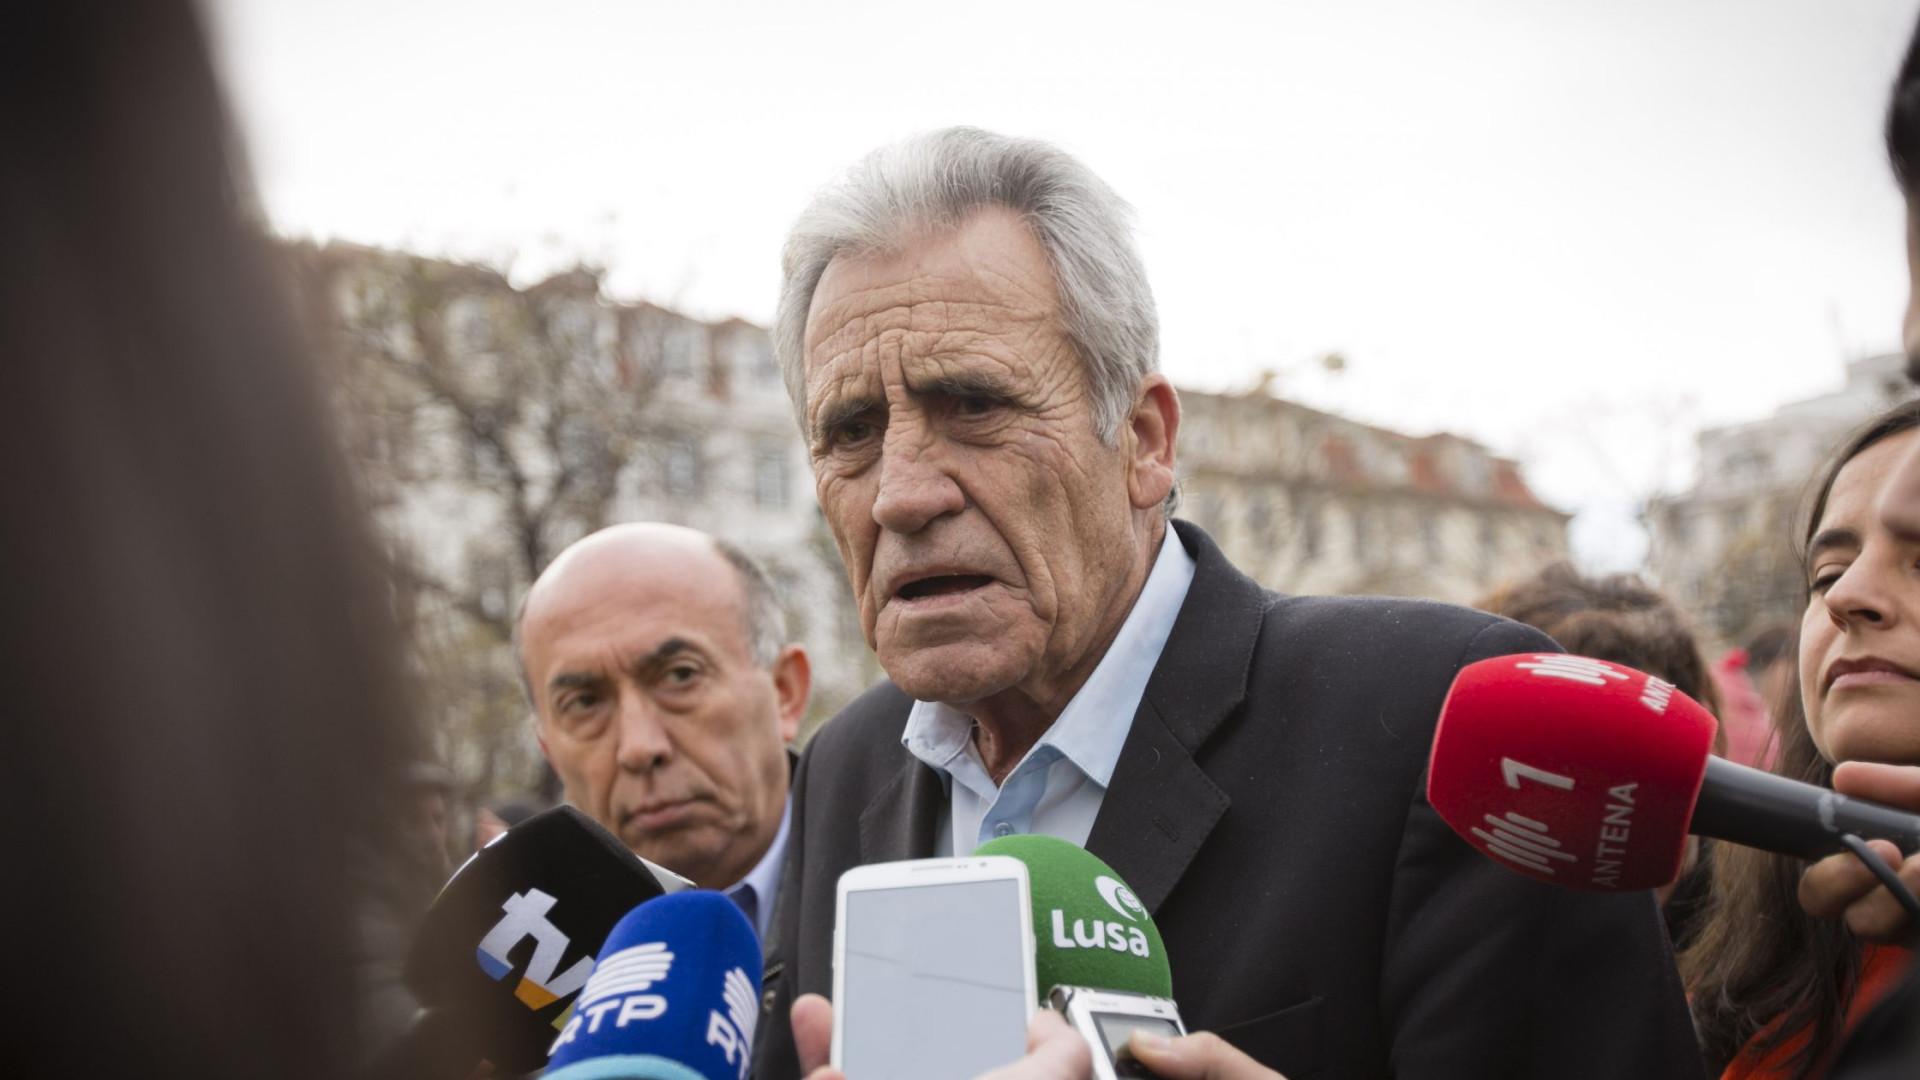 """Luta contra corrupção é combate """"em defesa da democracia"""""""